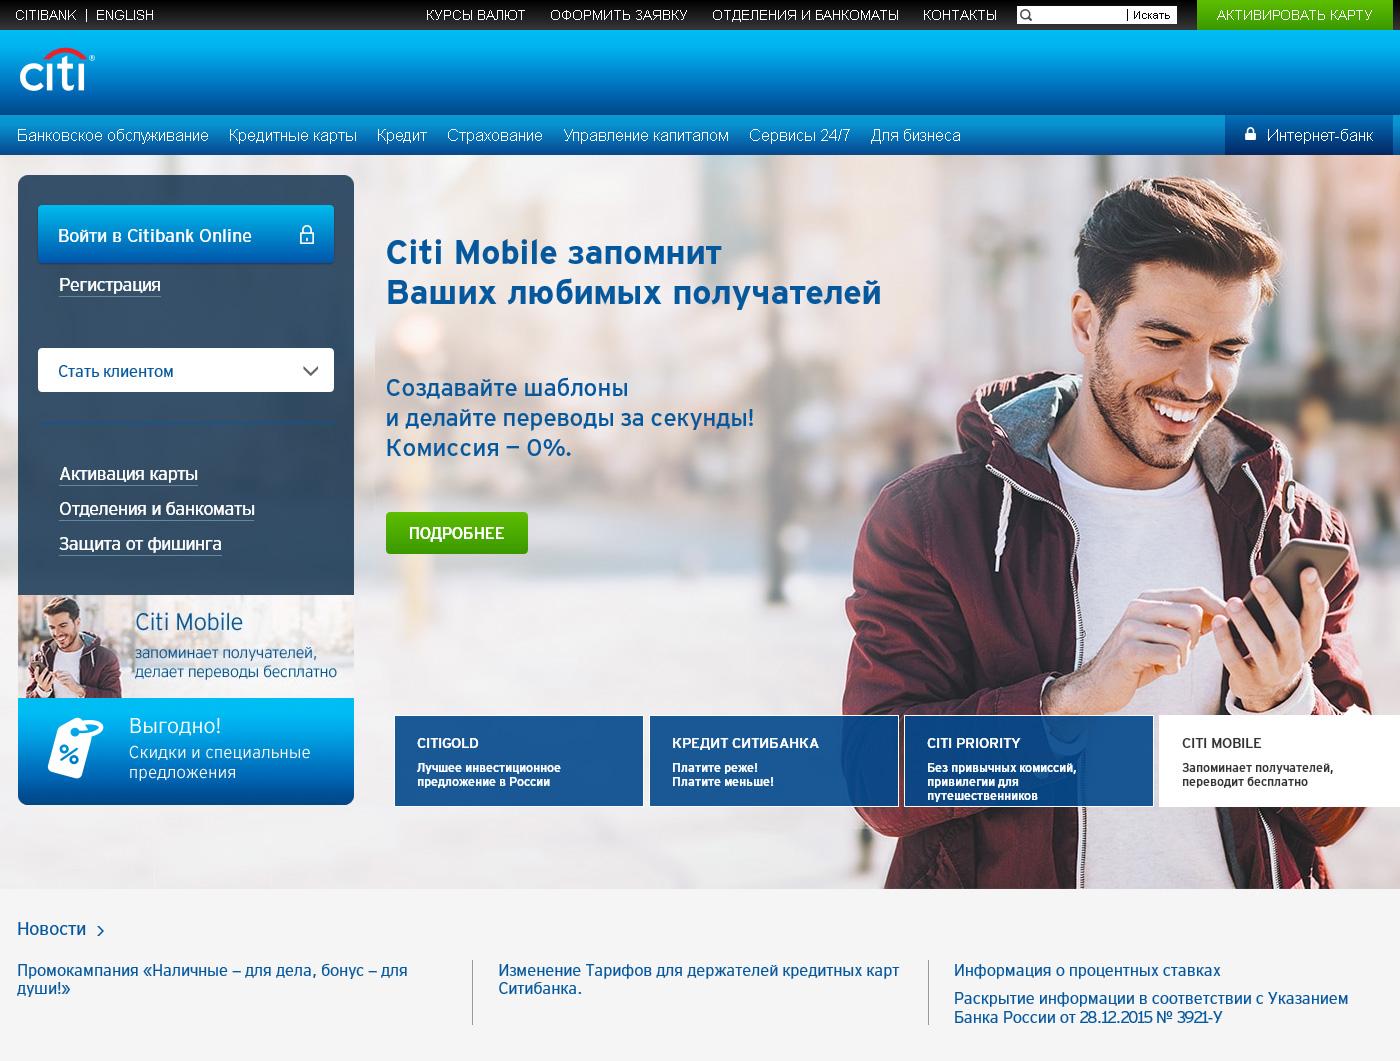 Официальный сайт Ситибанк